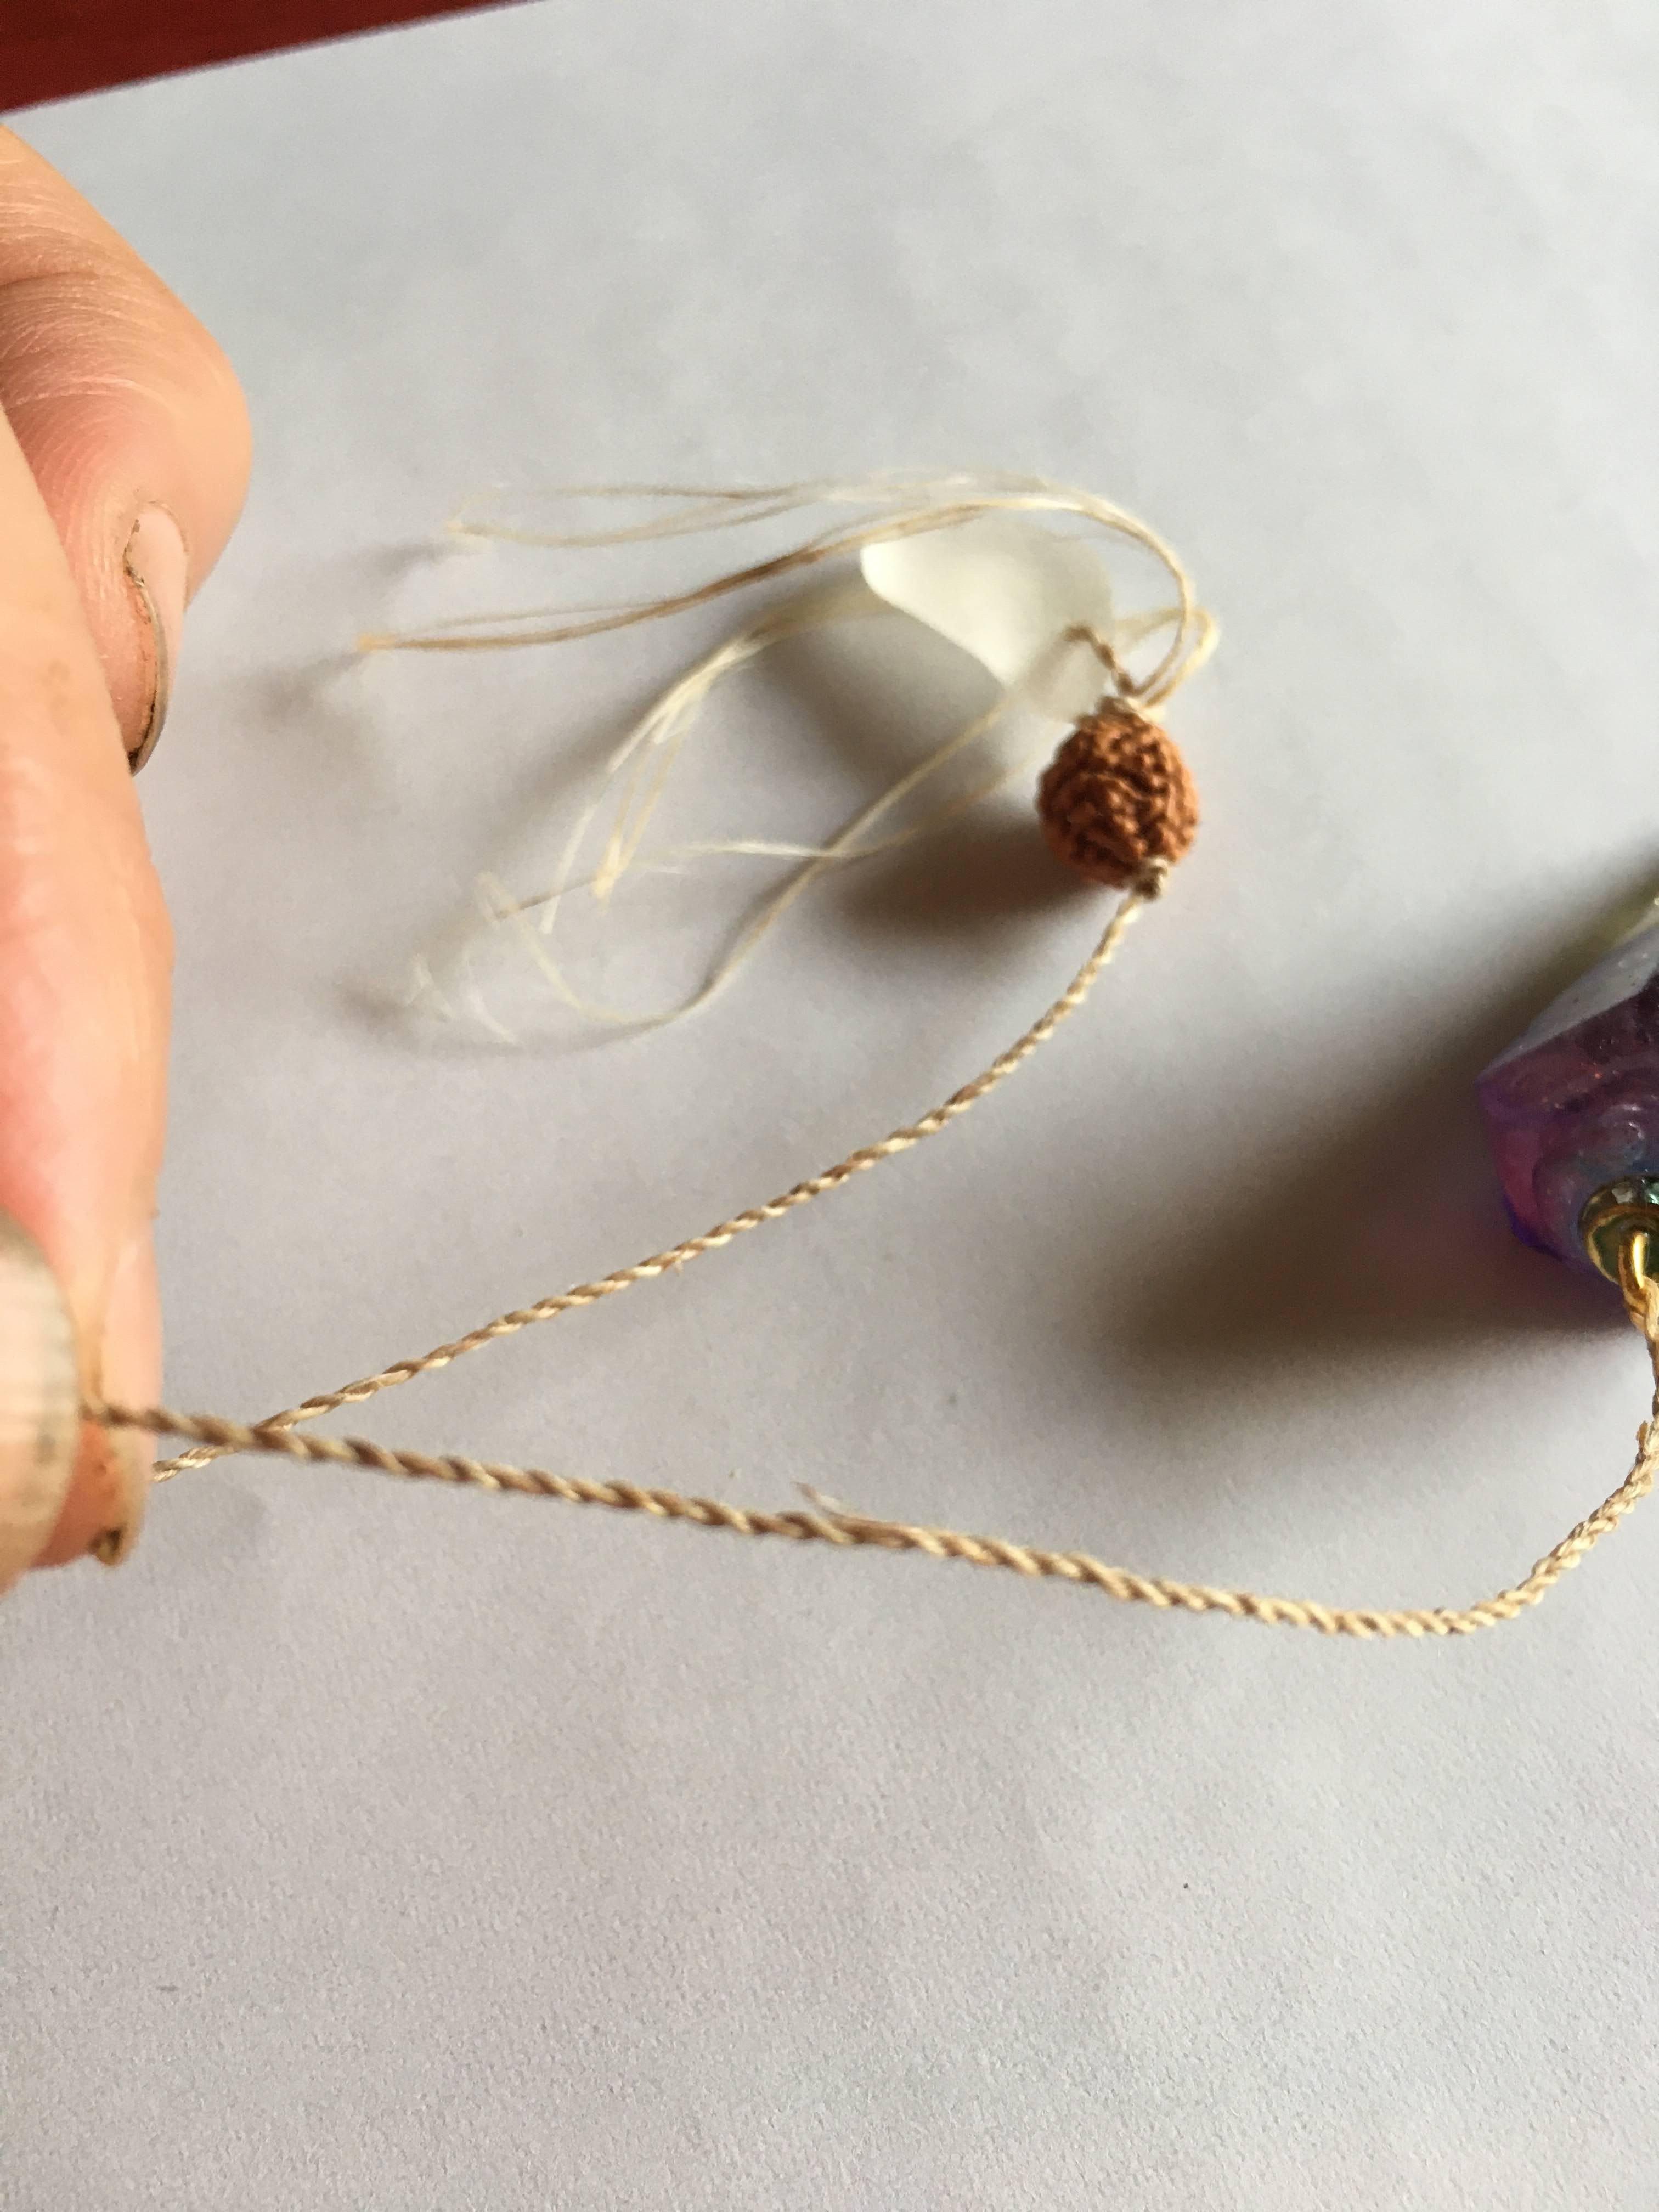 ペンデュラムに精麻の紐を付け替えサービス/シリウス市場より聖なる商品をお届けします【ドネーション制】のイメージその2